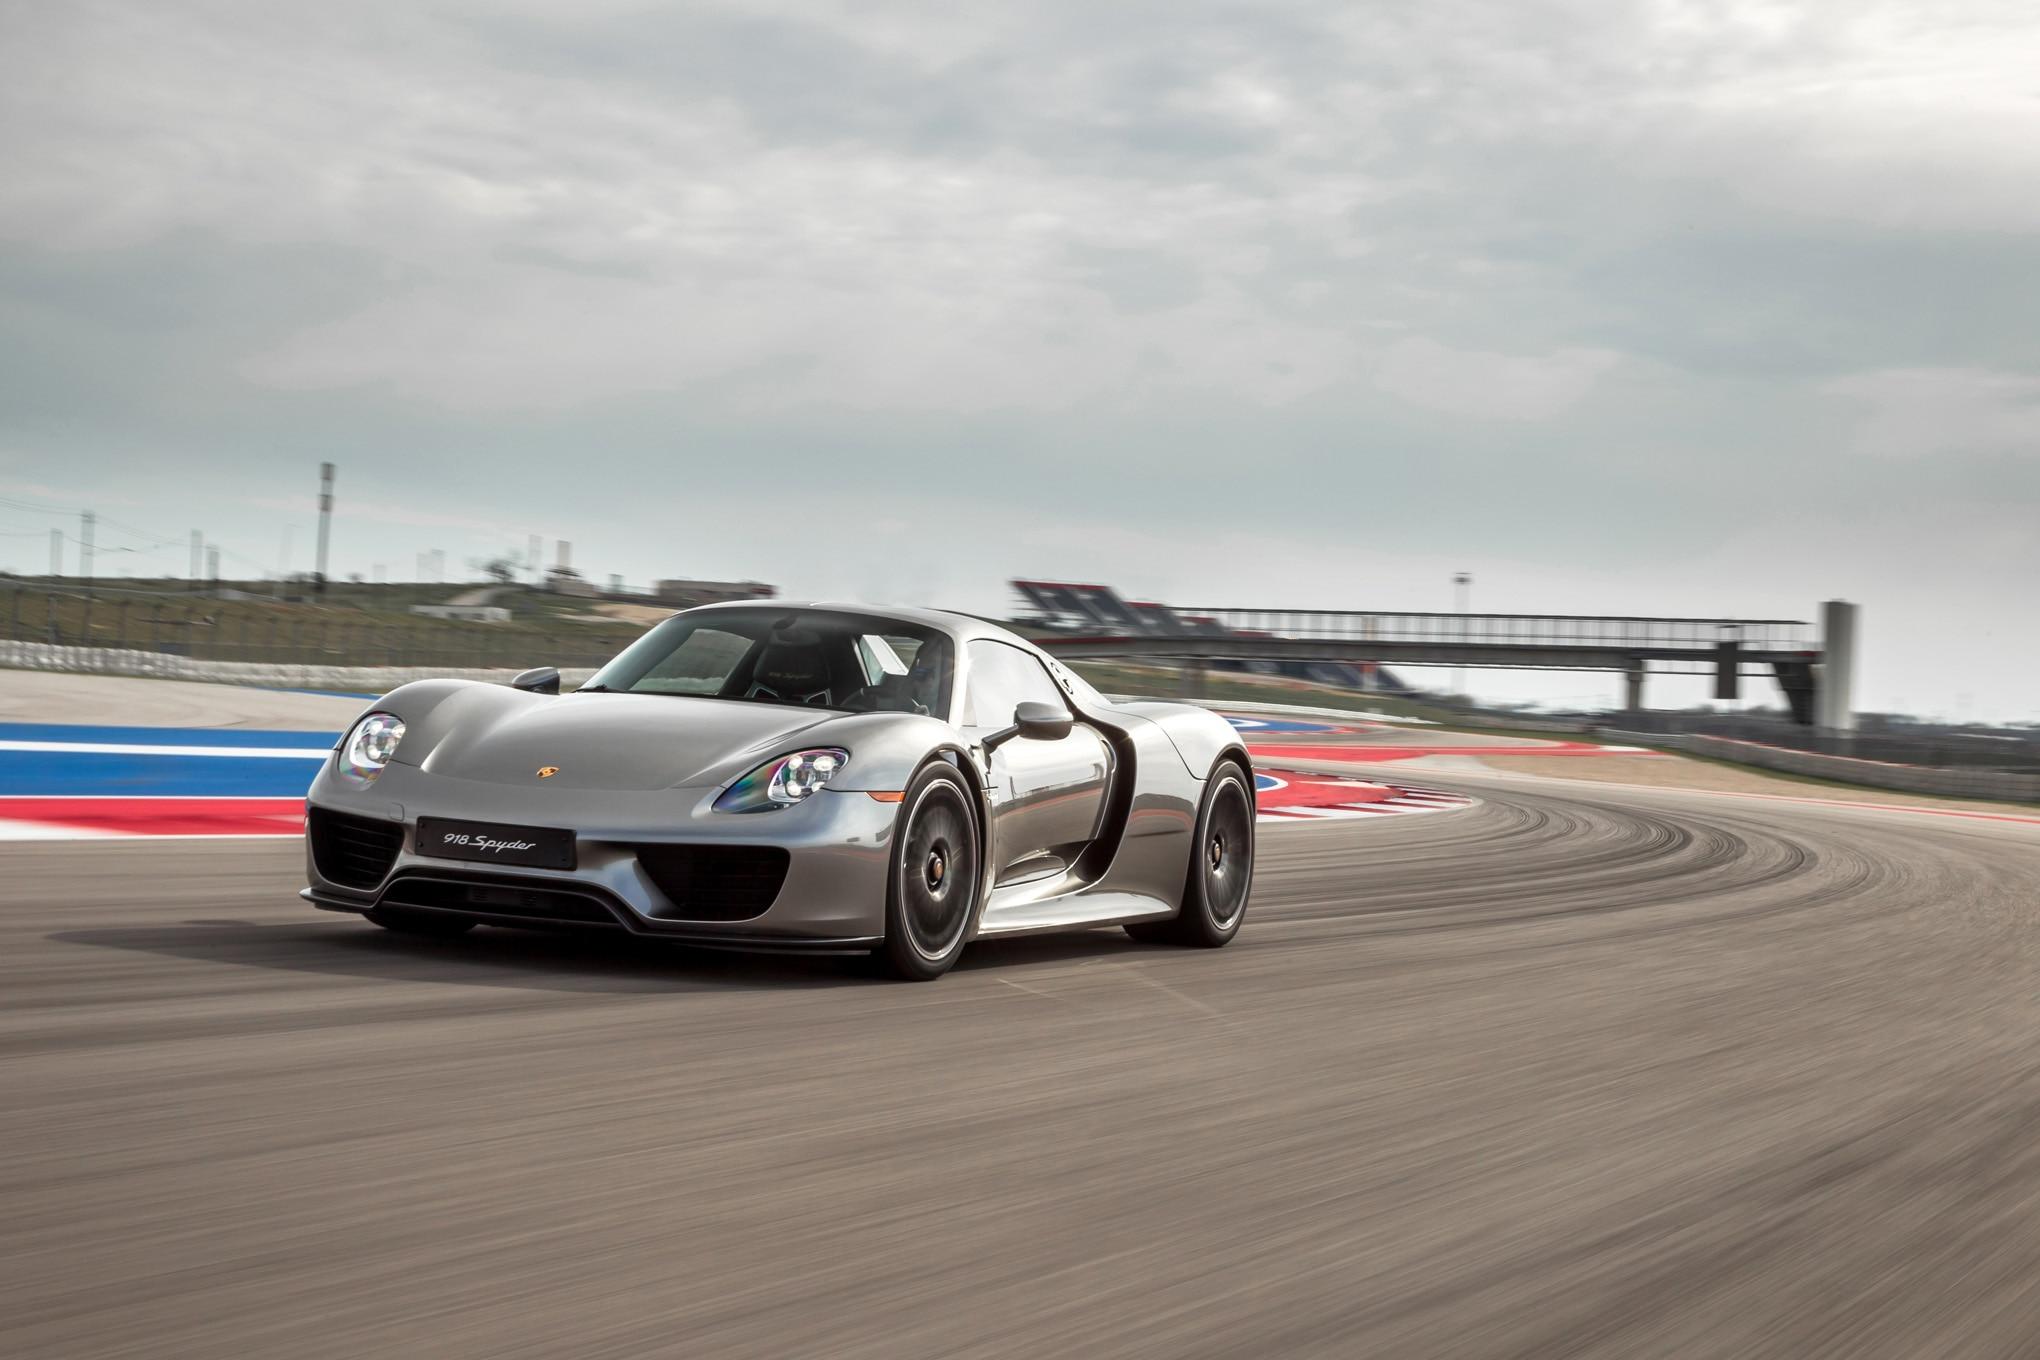 2015-Porsche-918-Spyder-front-three-quarter-in-motion-021 Elegant Porsche 918 Spyder Los Angeles Cars Trend